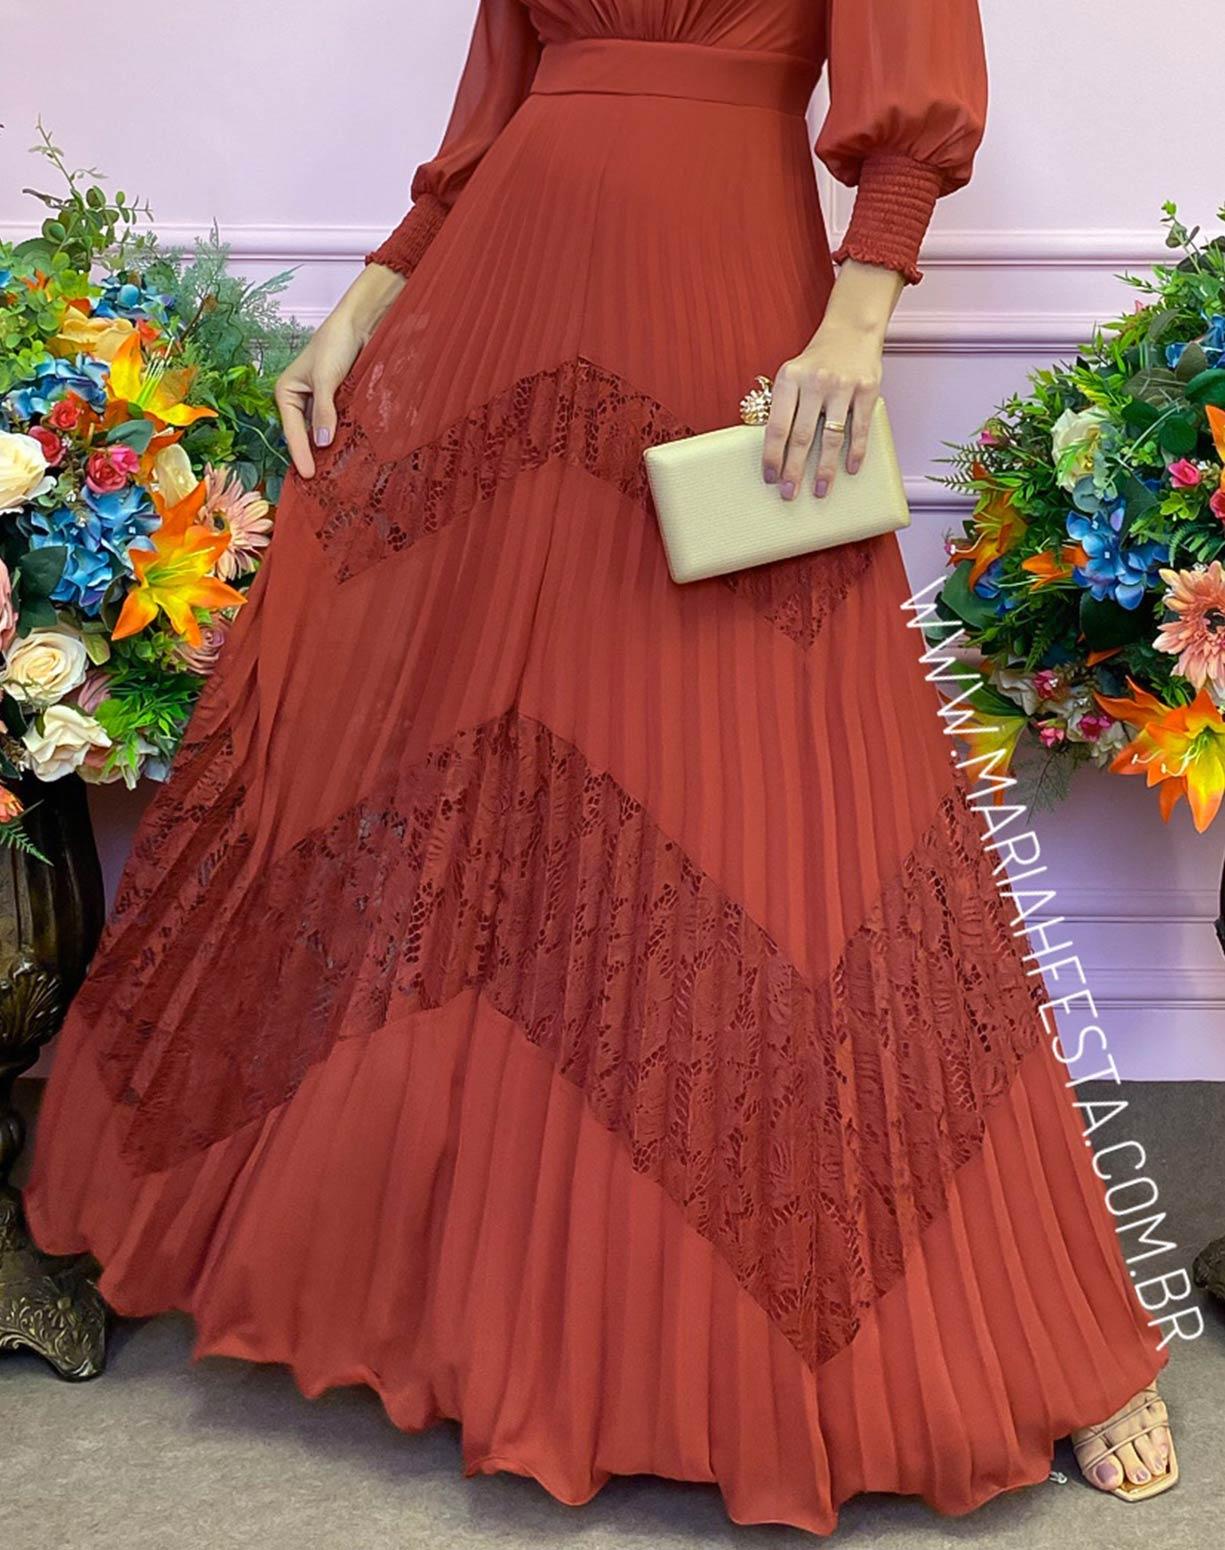 Vestido Terracota com Saia Plissada